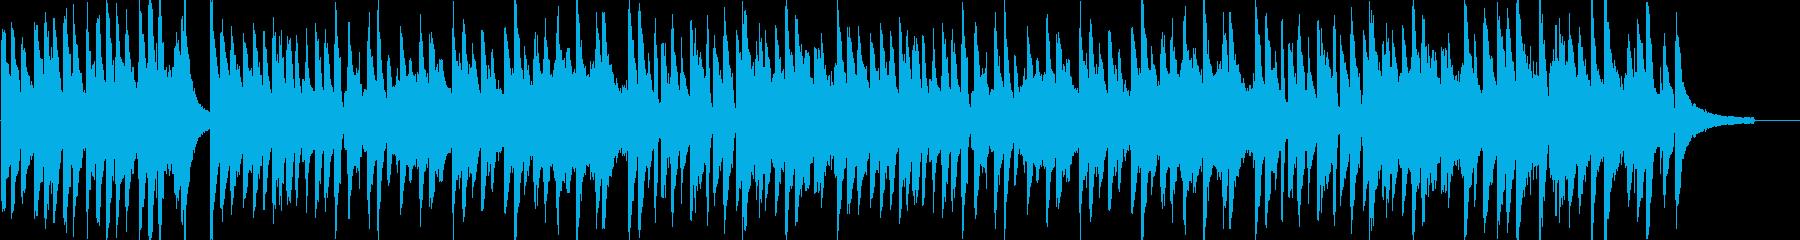 リラックス・ピアノソロ・映像・イベント用の再生済みの波形